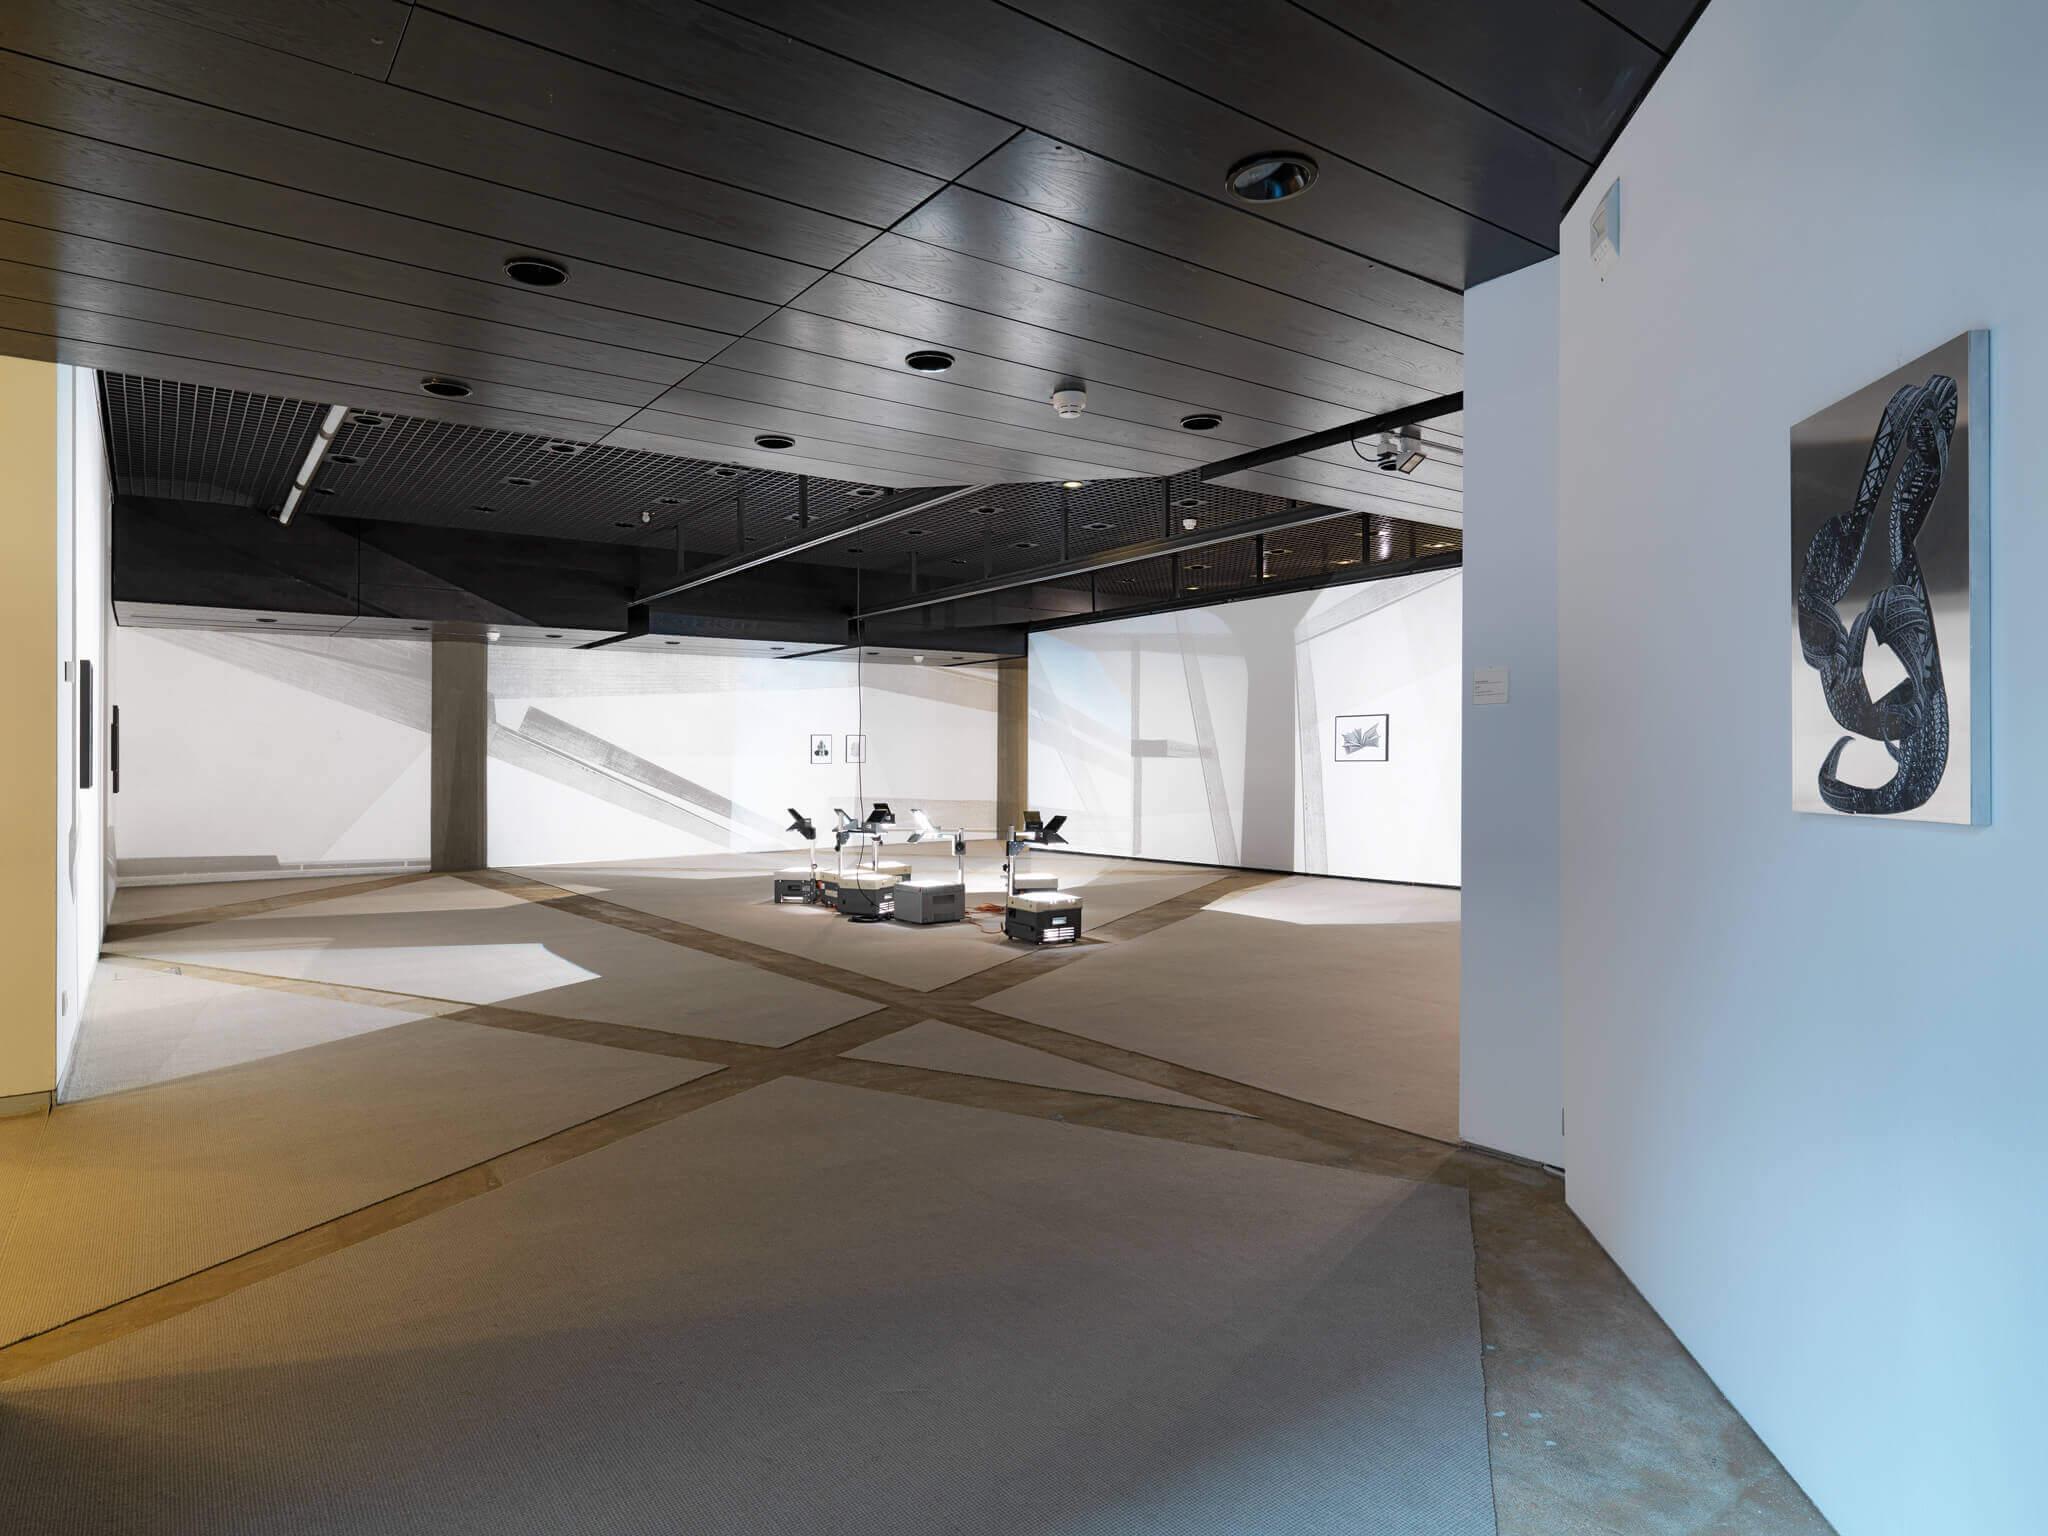 54_Frauke Dannert_Installation_Viermal Neues auf Papier_2015_Sprengel Museum Hannover